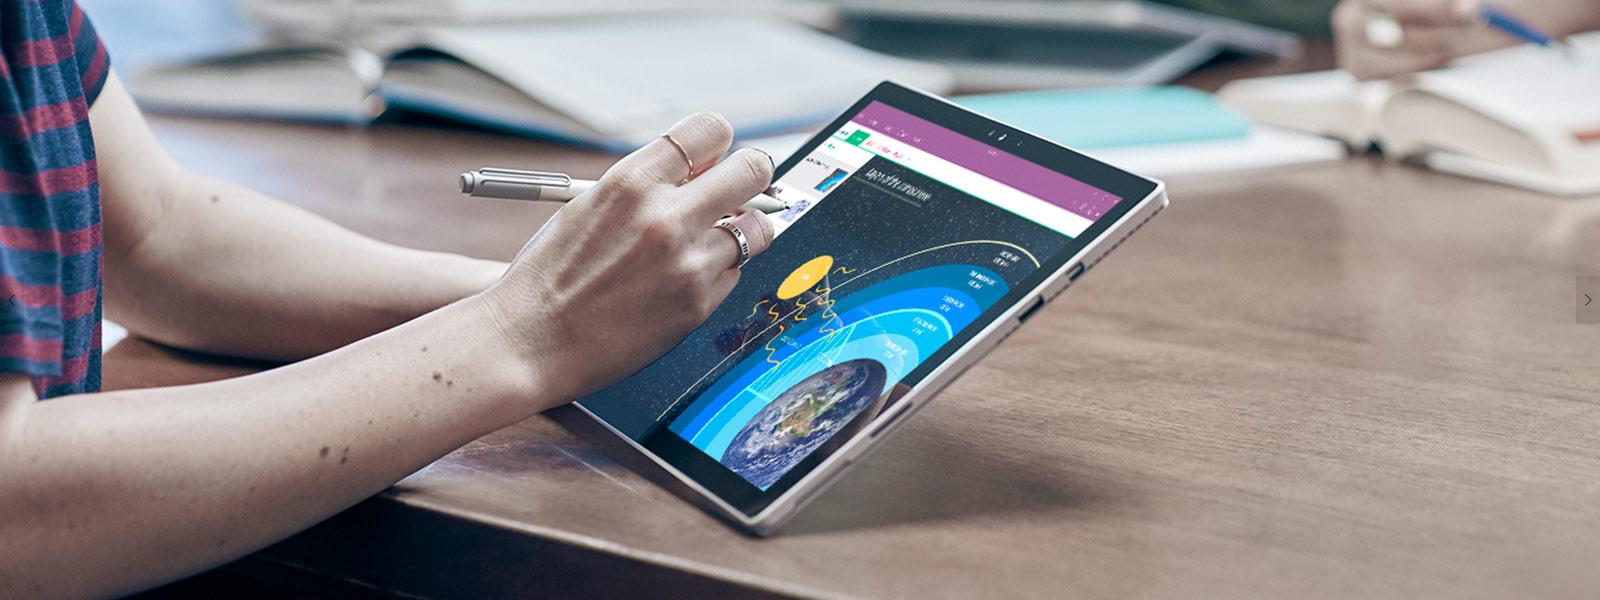 Iemand die de Surface-pen op een Surface Laptop in tabletmodus gebruikt.